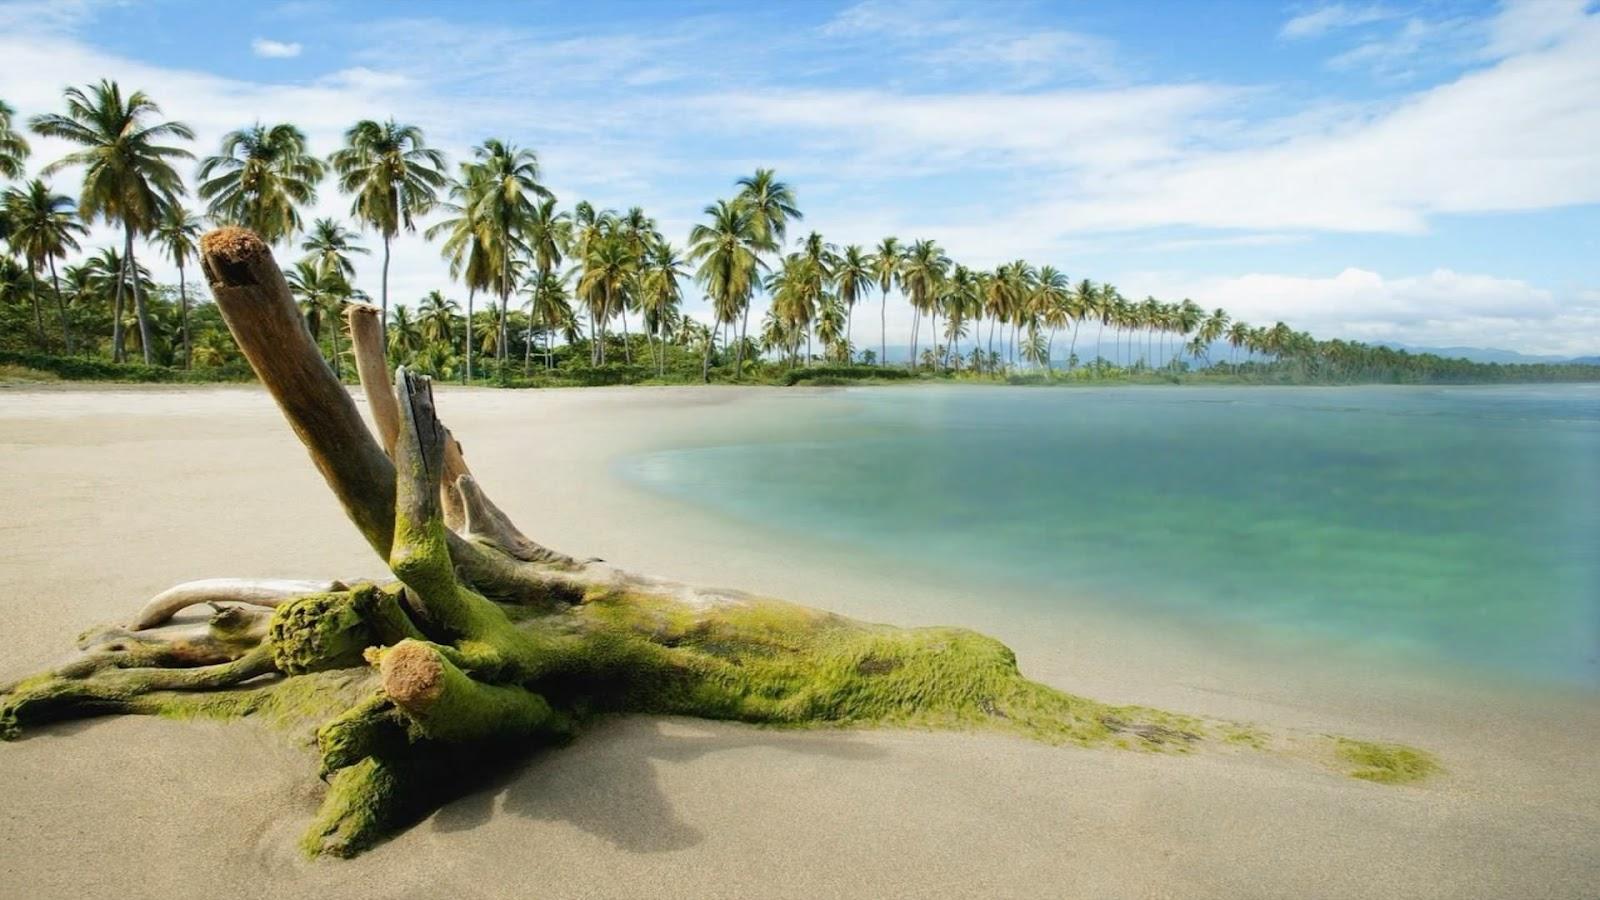 wallpaper proslut: Beautiful Romantic Beach Full HD Real ...